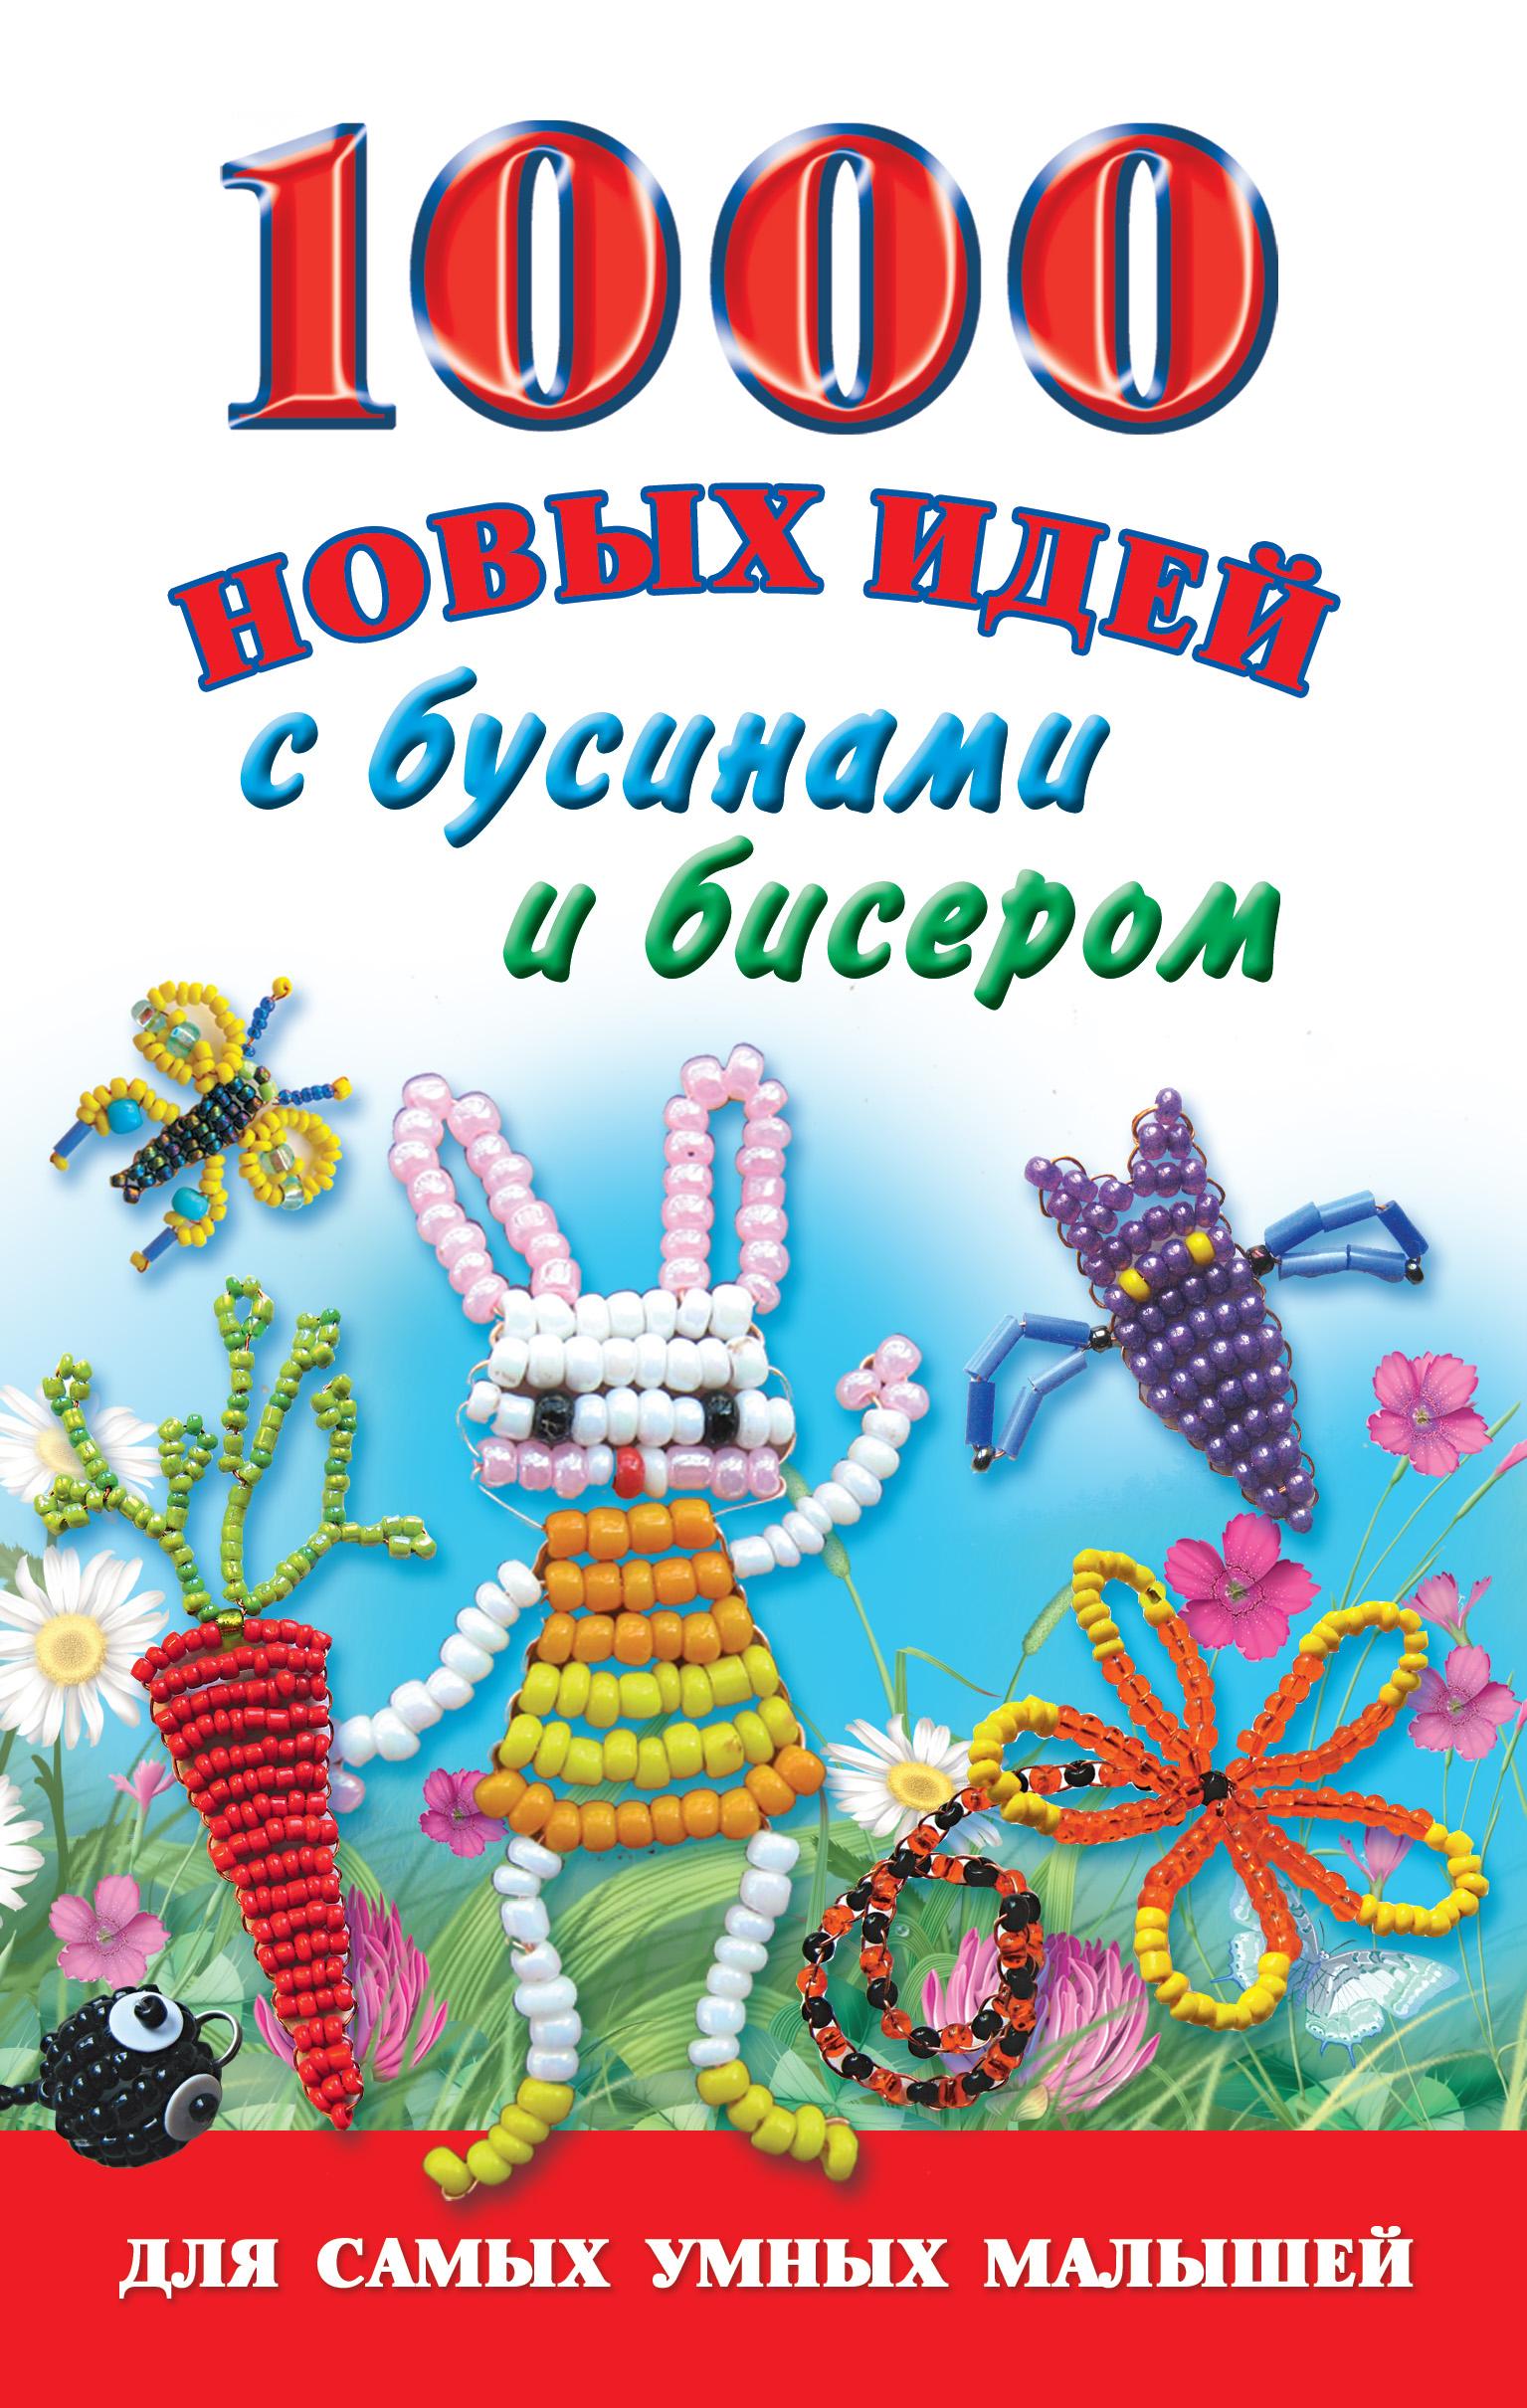 Екатерина Данкевич 1000 новых идей с бусинами и бисером